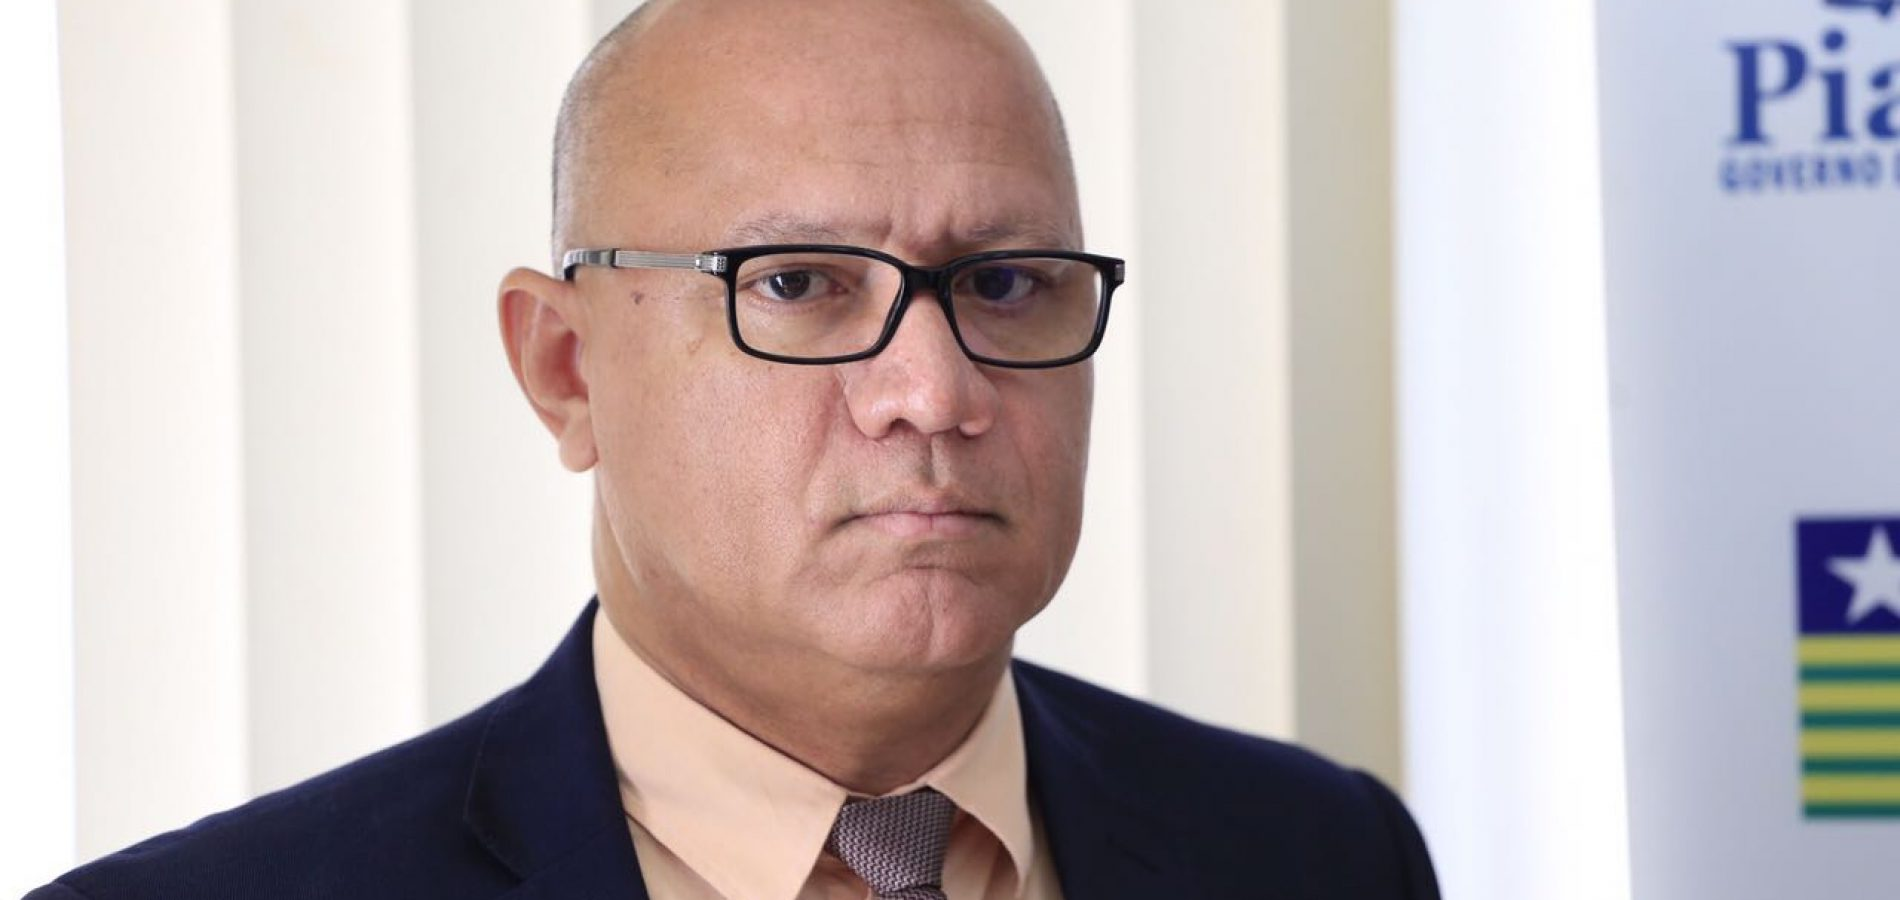 Franzé apresenta condição para ser o candidato do PT a prefeito de Teresina